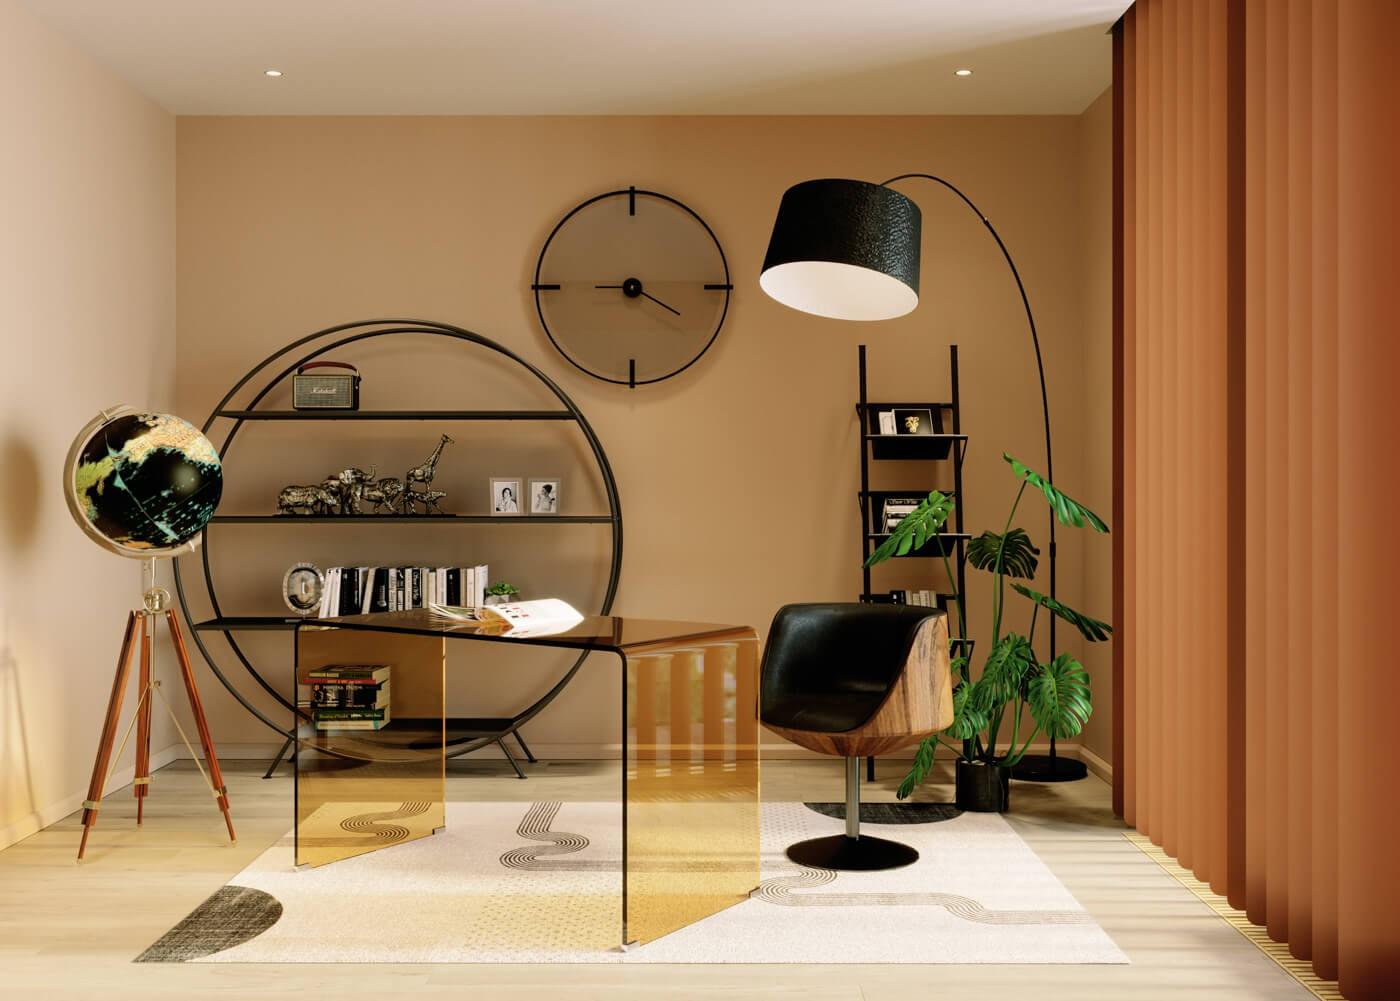 Bureau en verre coloré marron